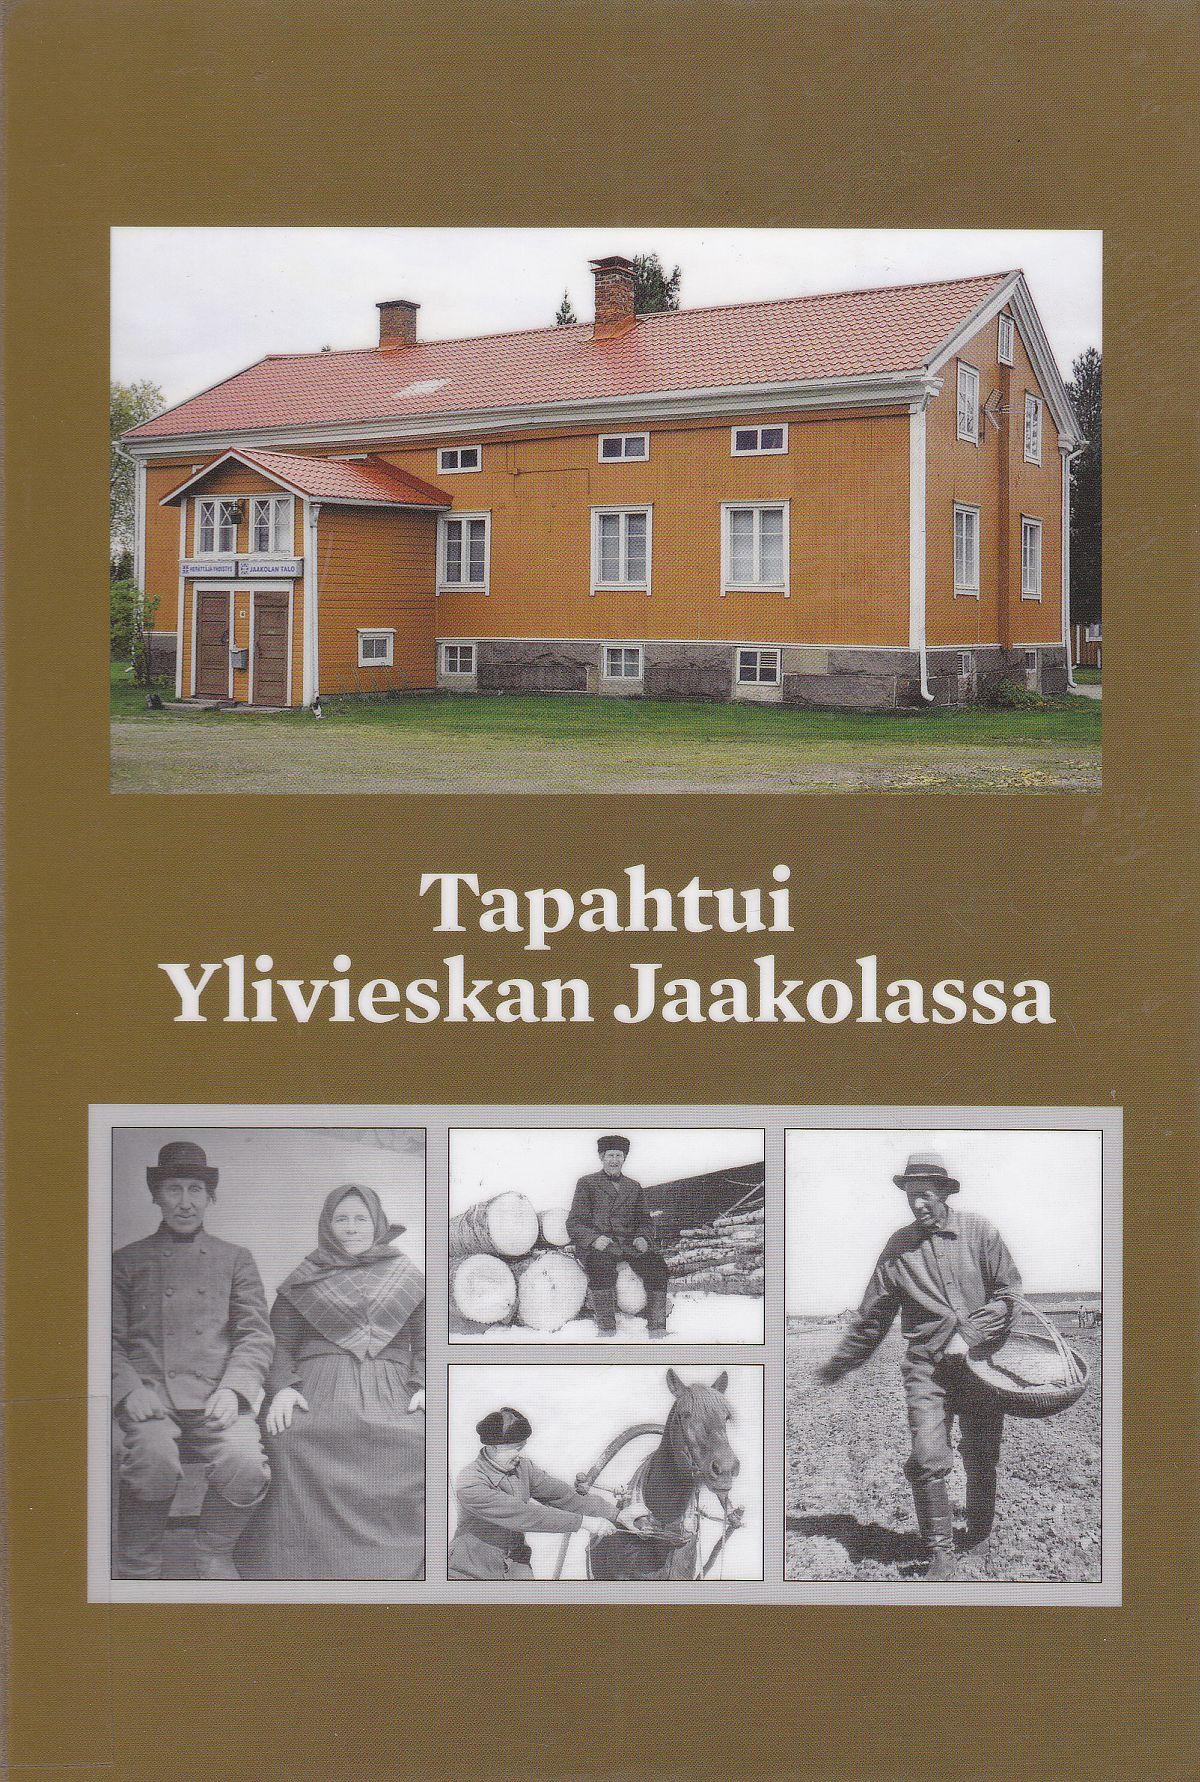 Jouko Hannulan Tapahtui Ylivieskan Jaakolassa -teoksen kannessa on Jaakolan talo sekä historiallisia kuvia.